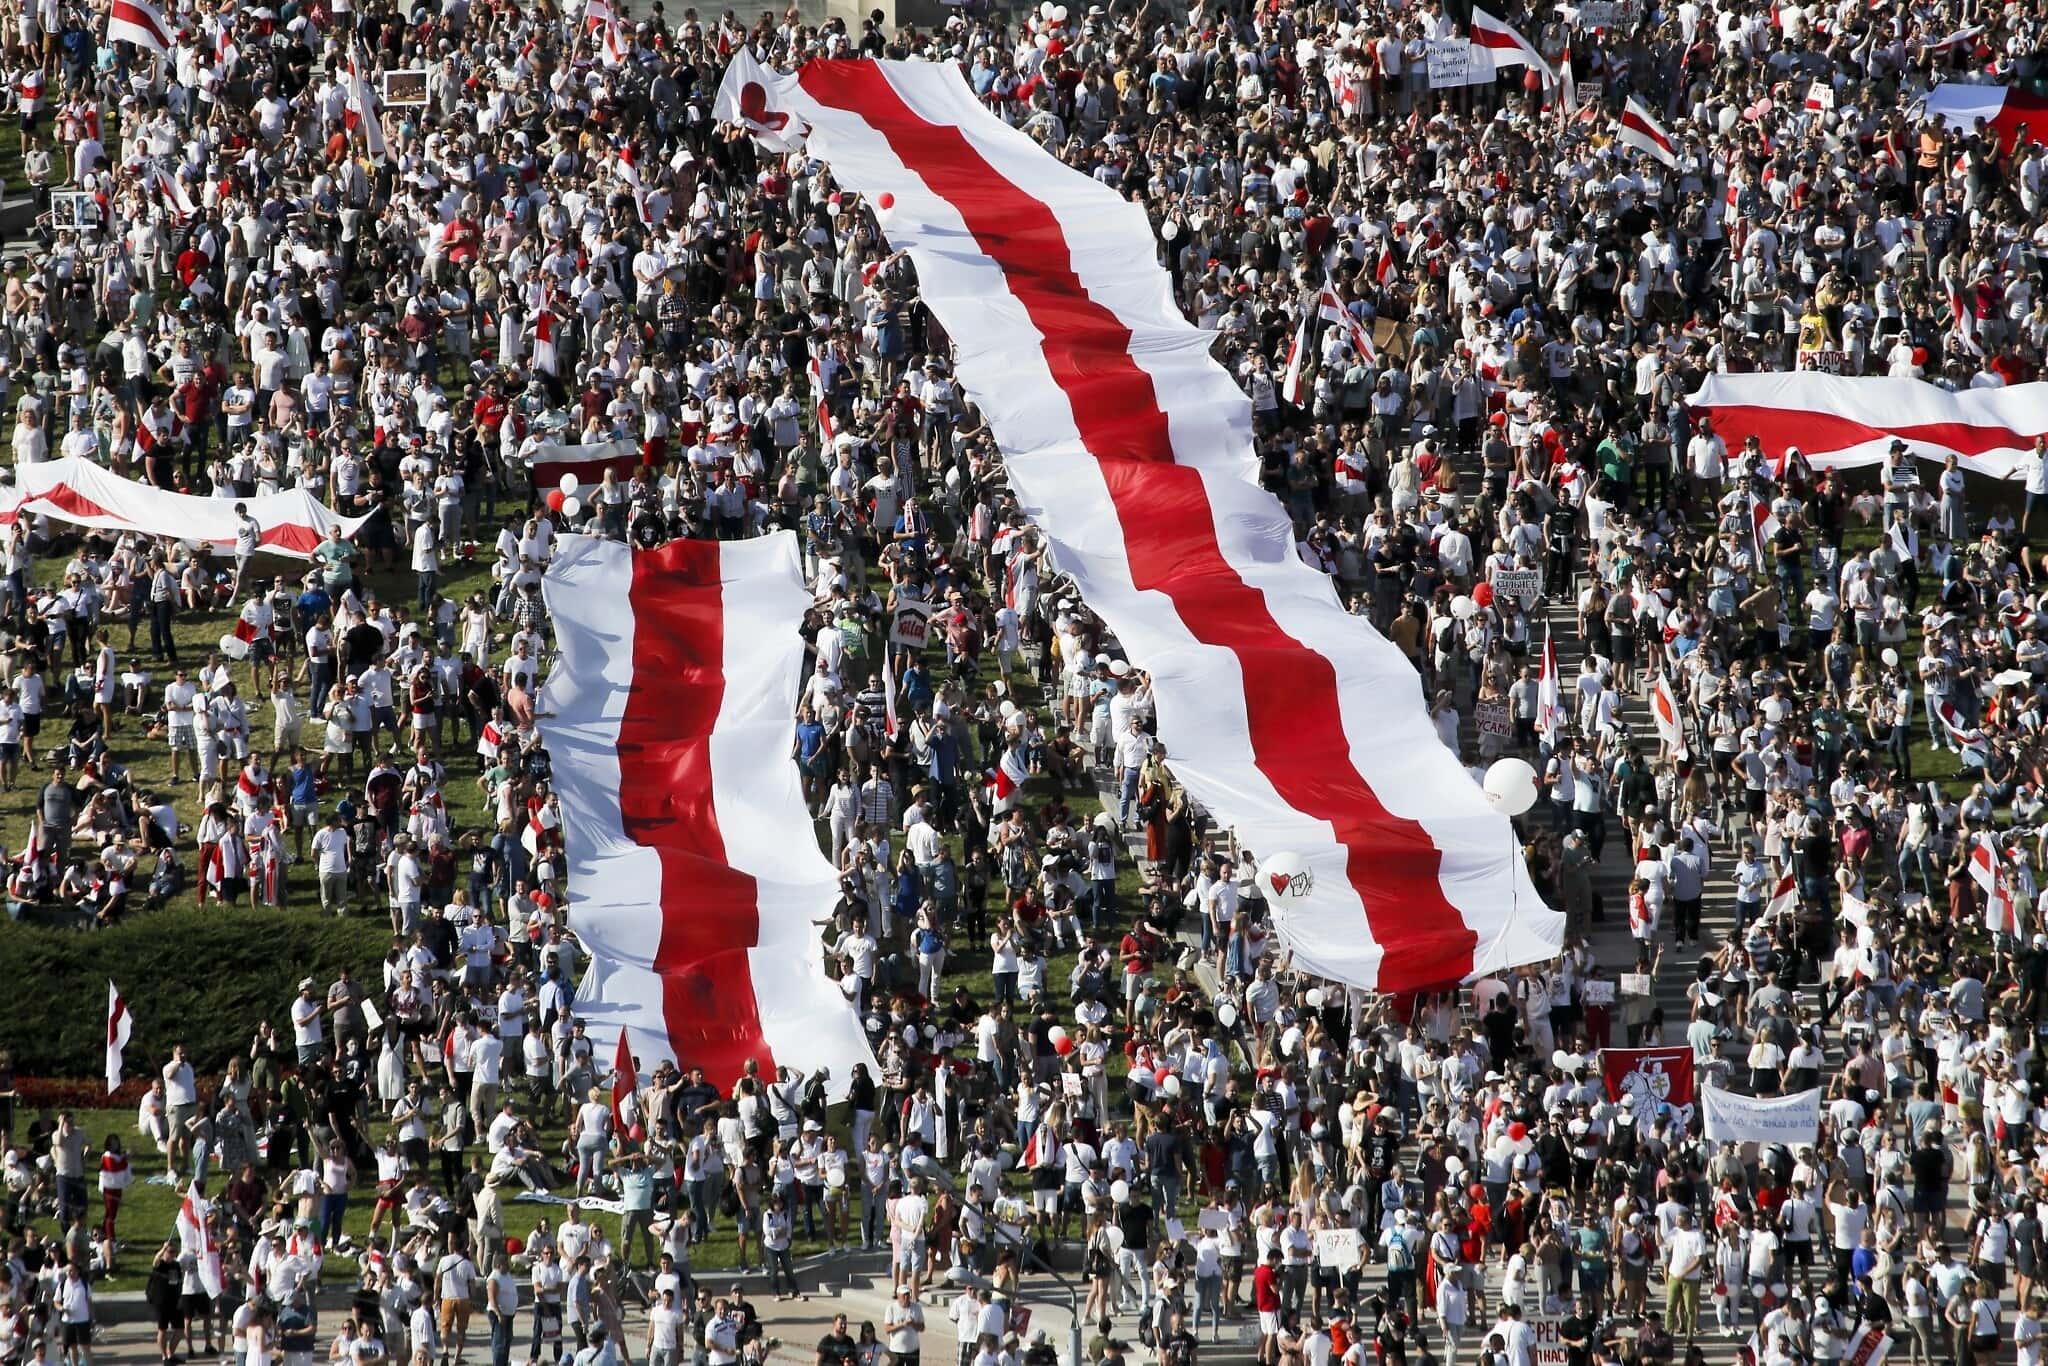 הפגנות האופוזיציה בבלרוס (צילום: AP Photo/Dmitri Lovetsky)